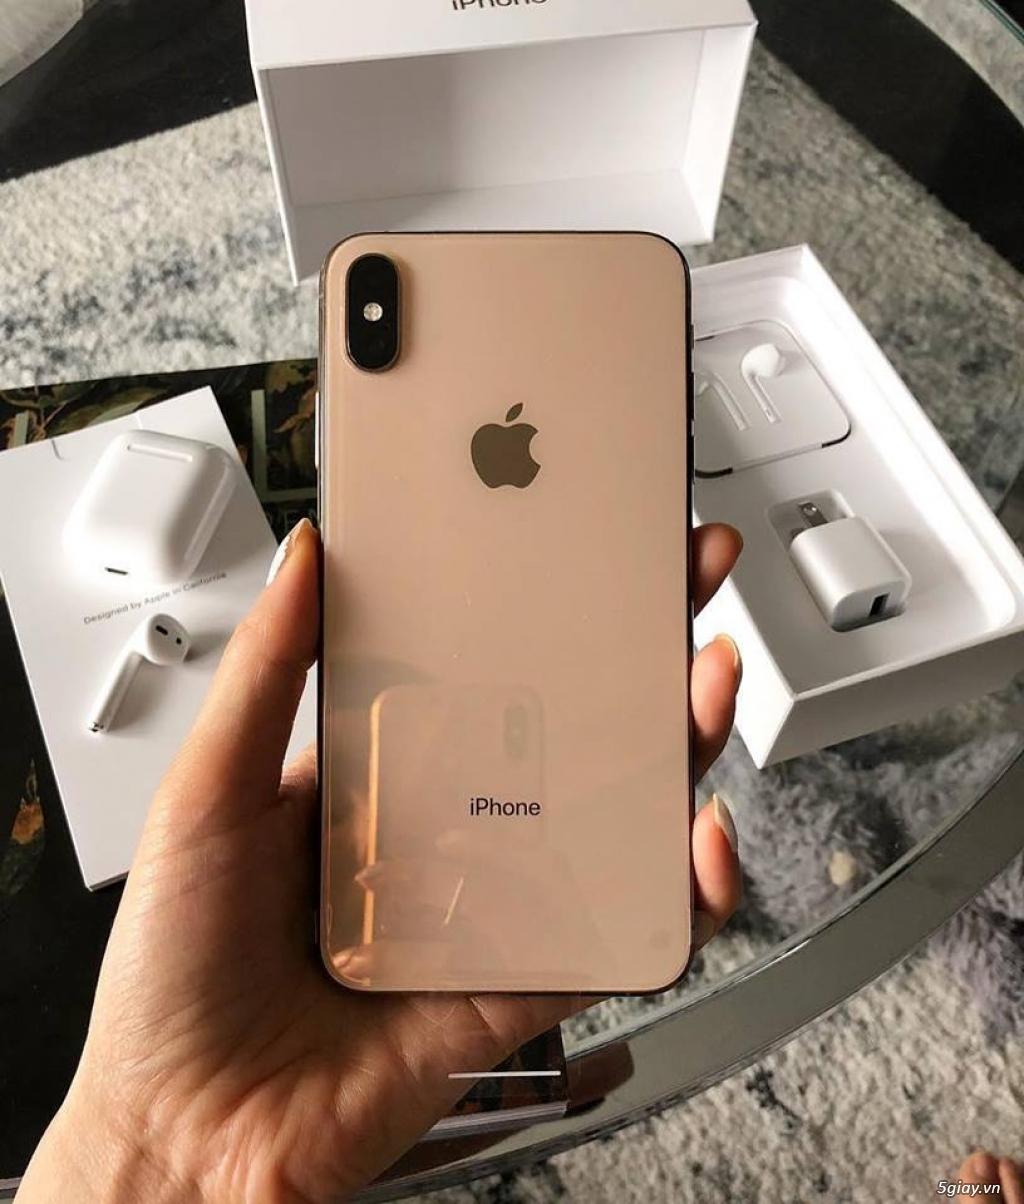 iphone Xs max 64G , 256G brand new 100% USA nguyên hộp giá tốt